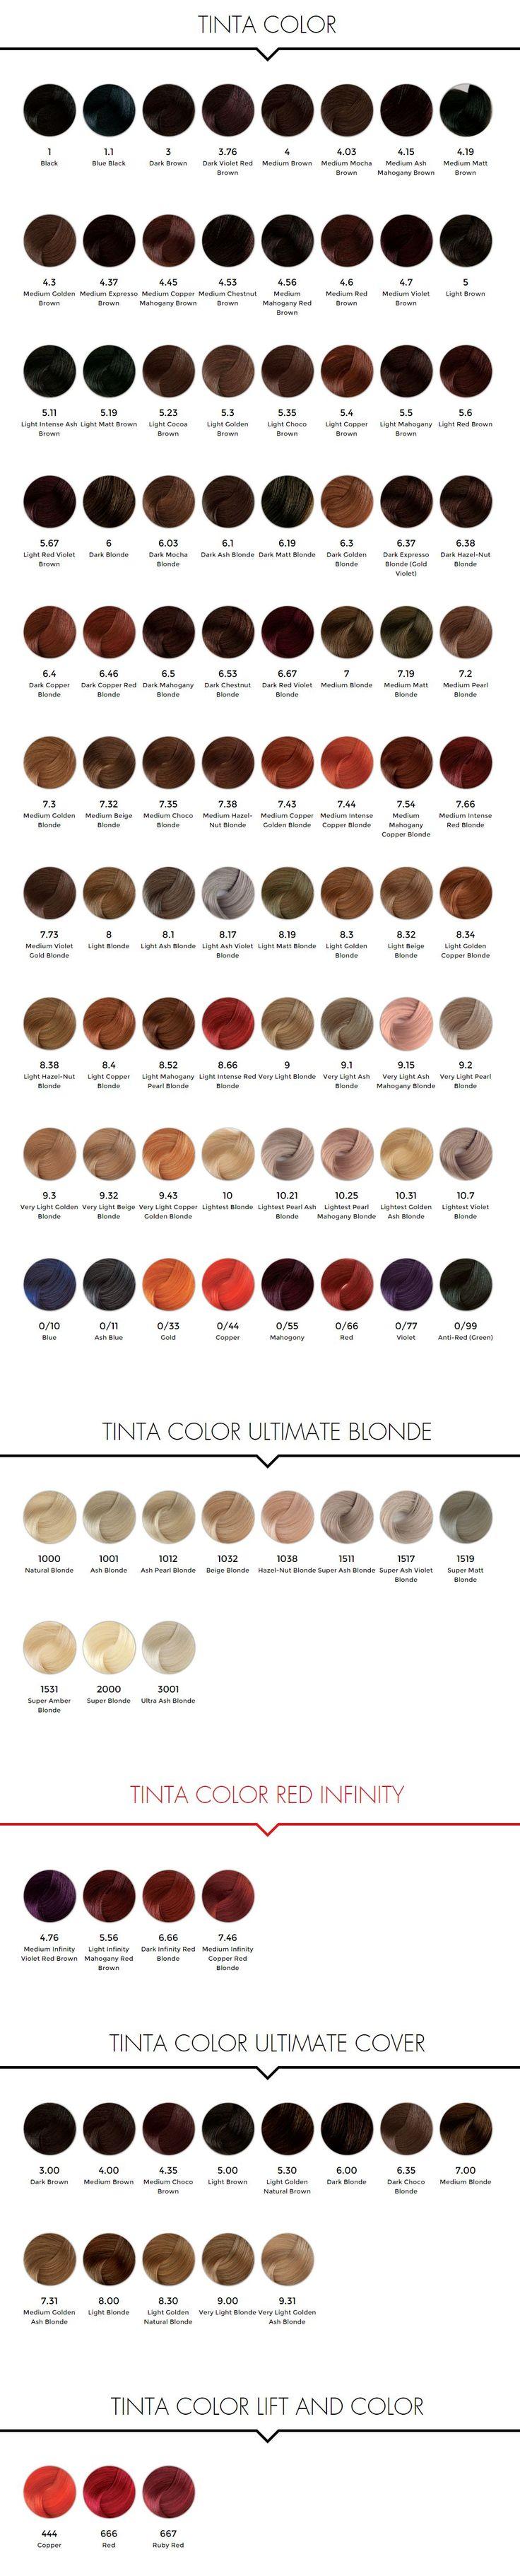 46+ Keune Hair Colour Chart In Sri Lanka Images